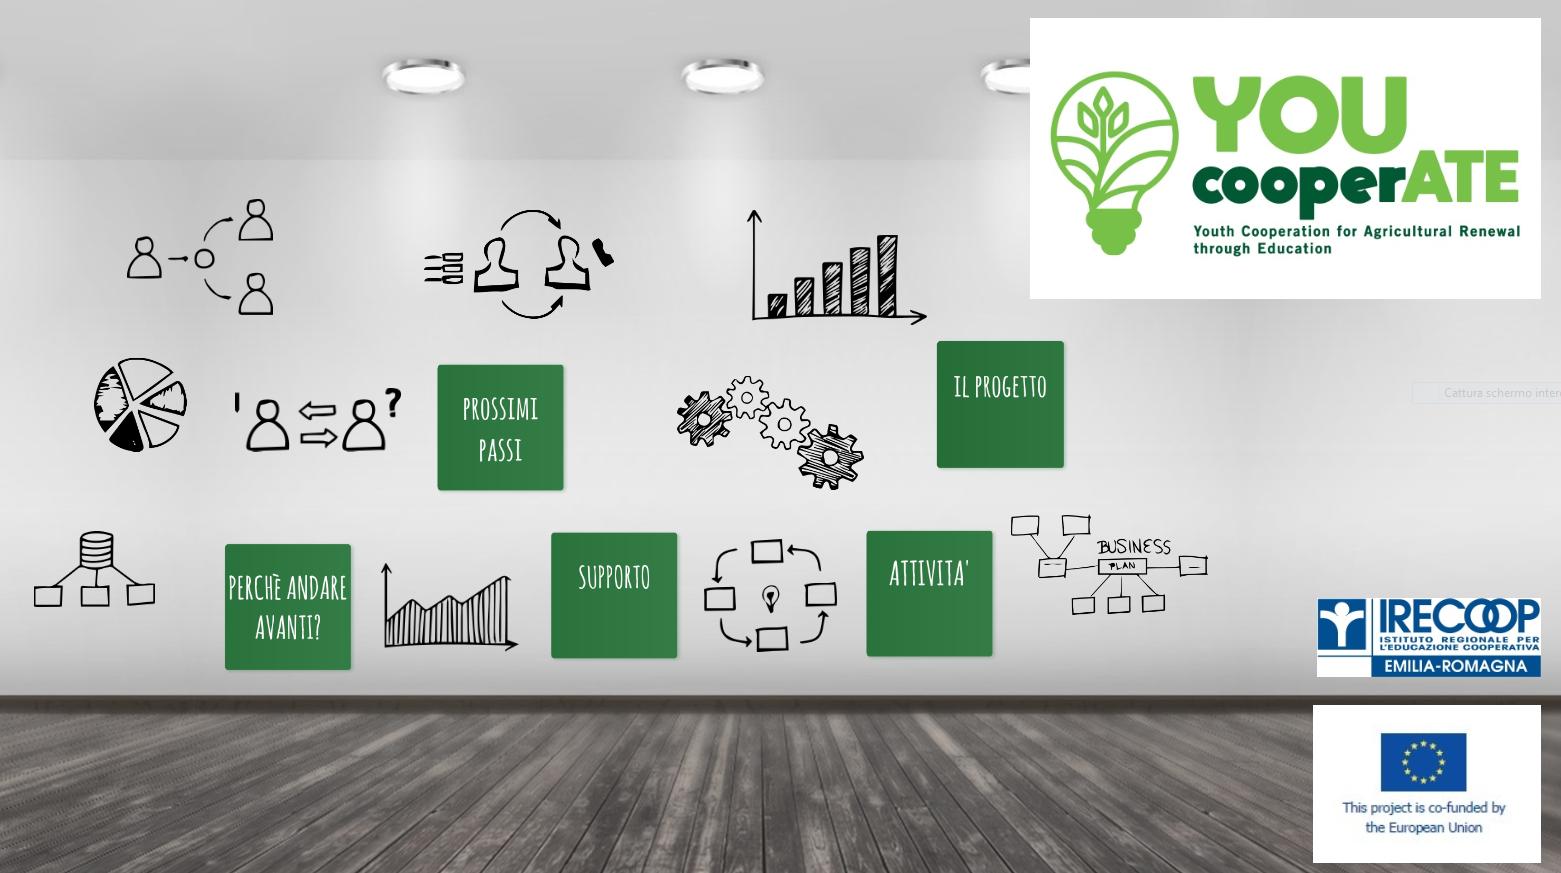 Progetto YOUCOOPERATE: al via la piattaforma online e prodotti i primi Business Plan!